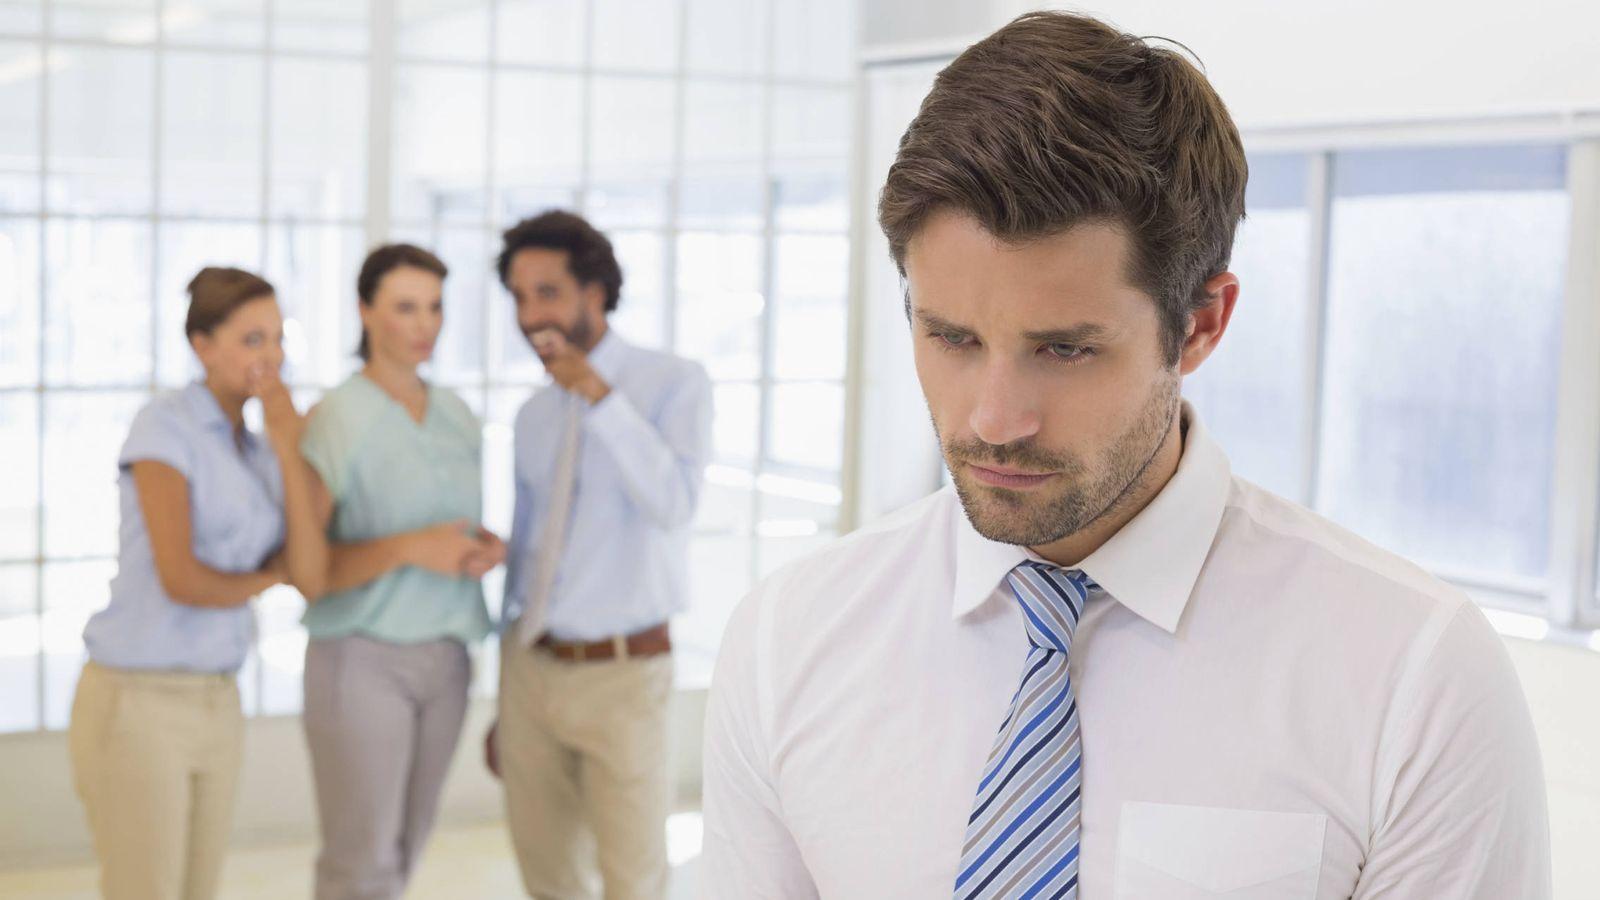 76ee45fc64 Trabajo  Cómo enfrentarte a los que hablan de ti por la espalda en el  trabajo y salir ganando